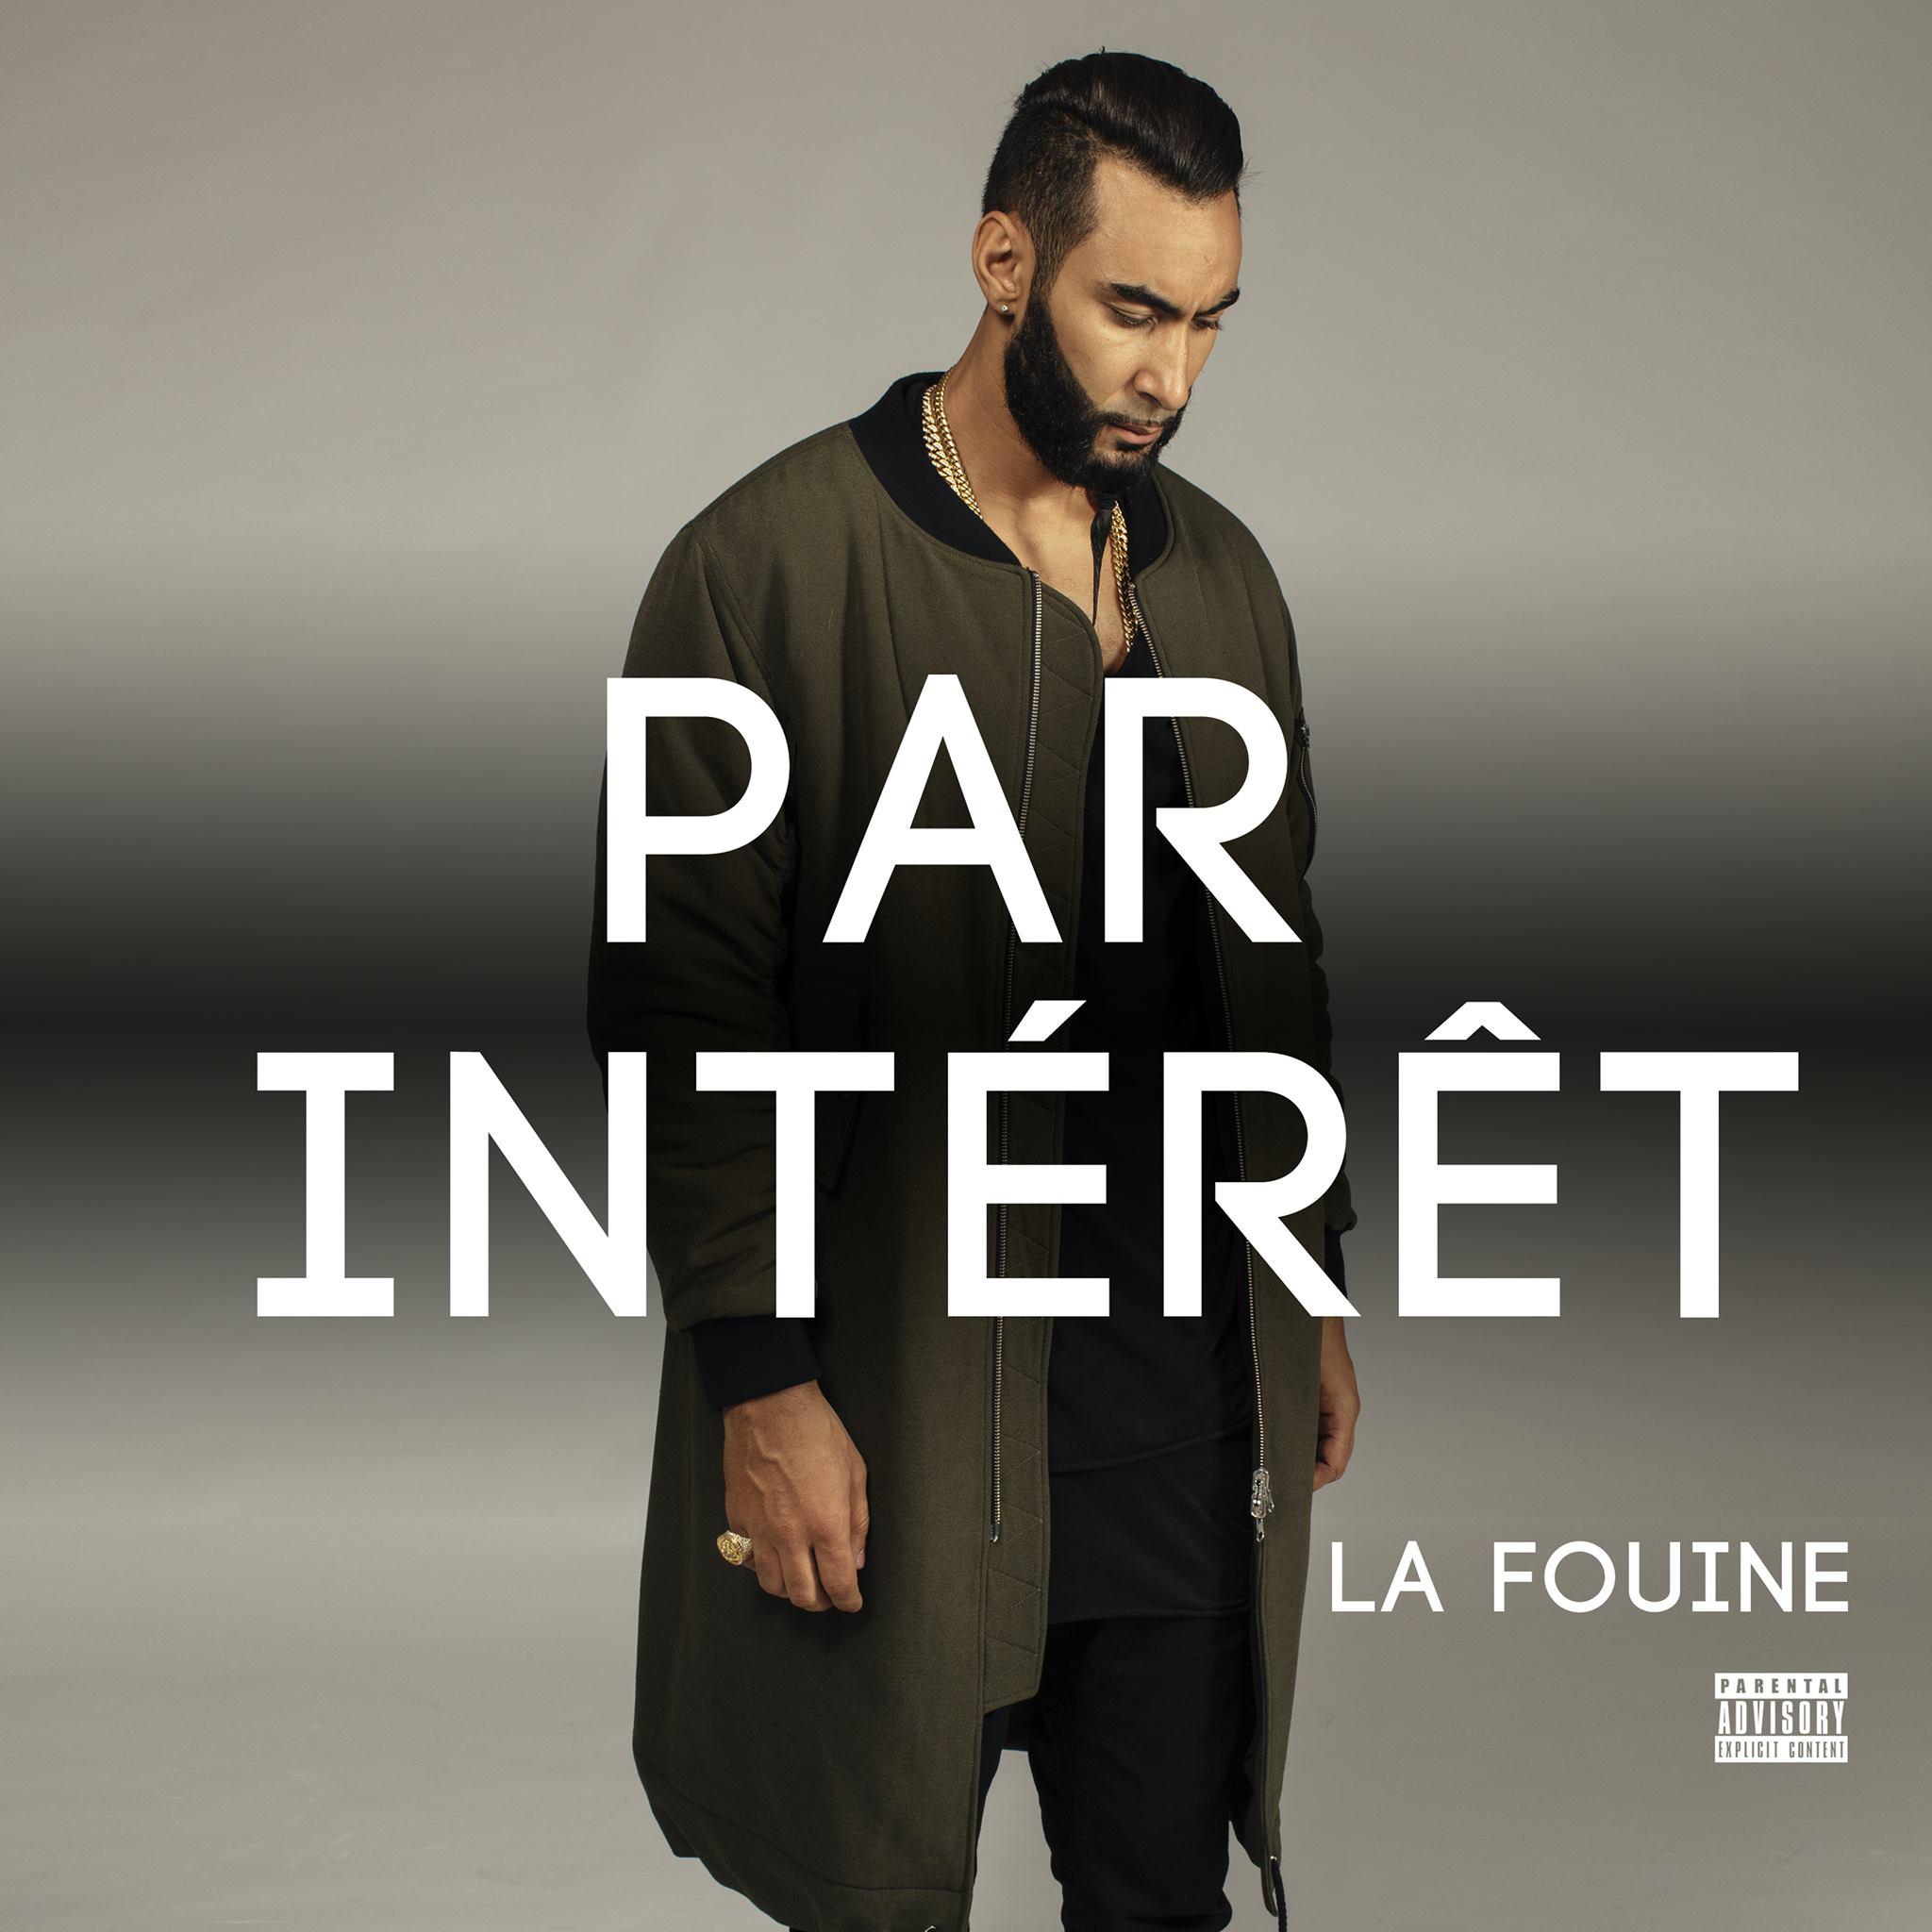 Nouveau Clip De La Fouine «Par Intérêt»